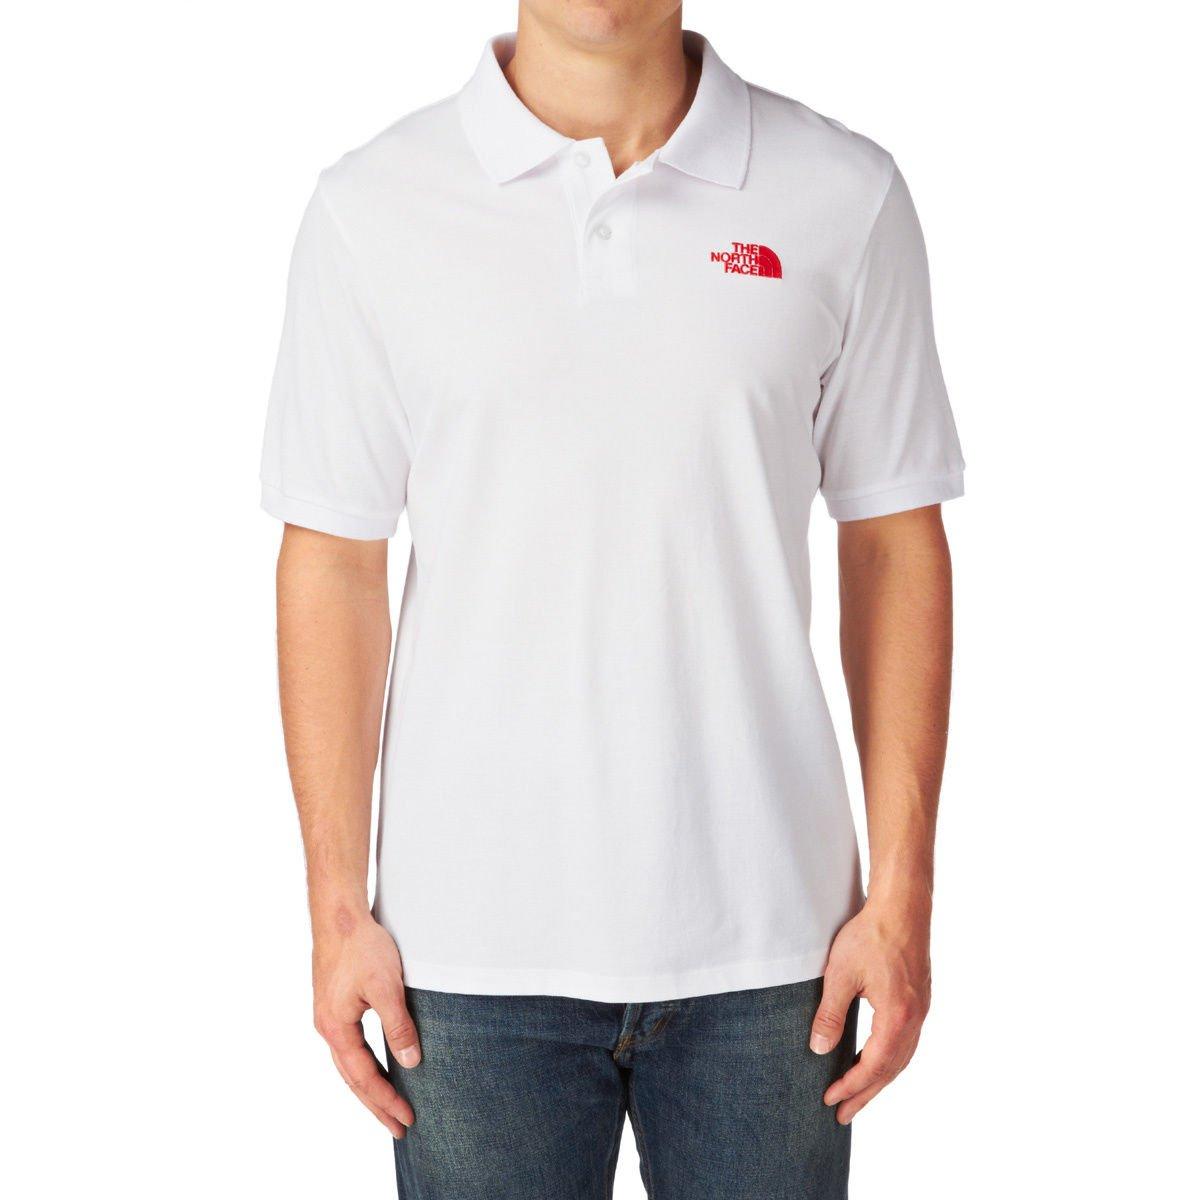 The North Face Men's Polo Piquet Polo Shirt: Amazon.co.uk: Sports ...